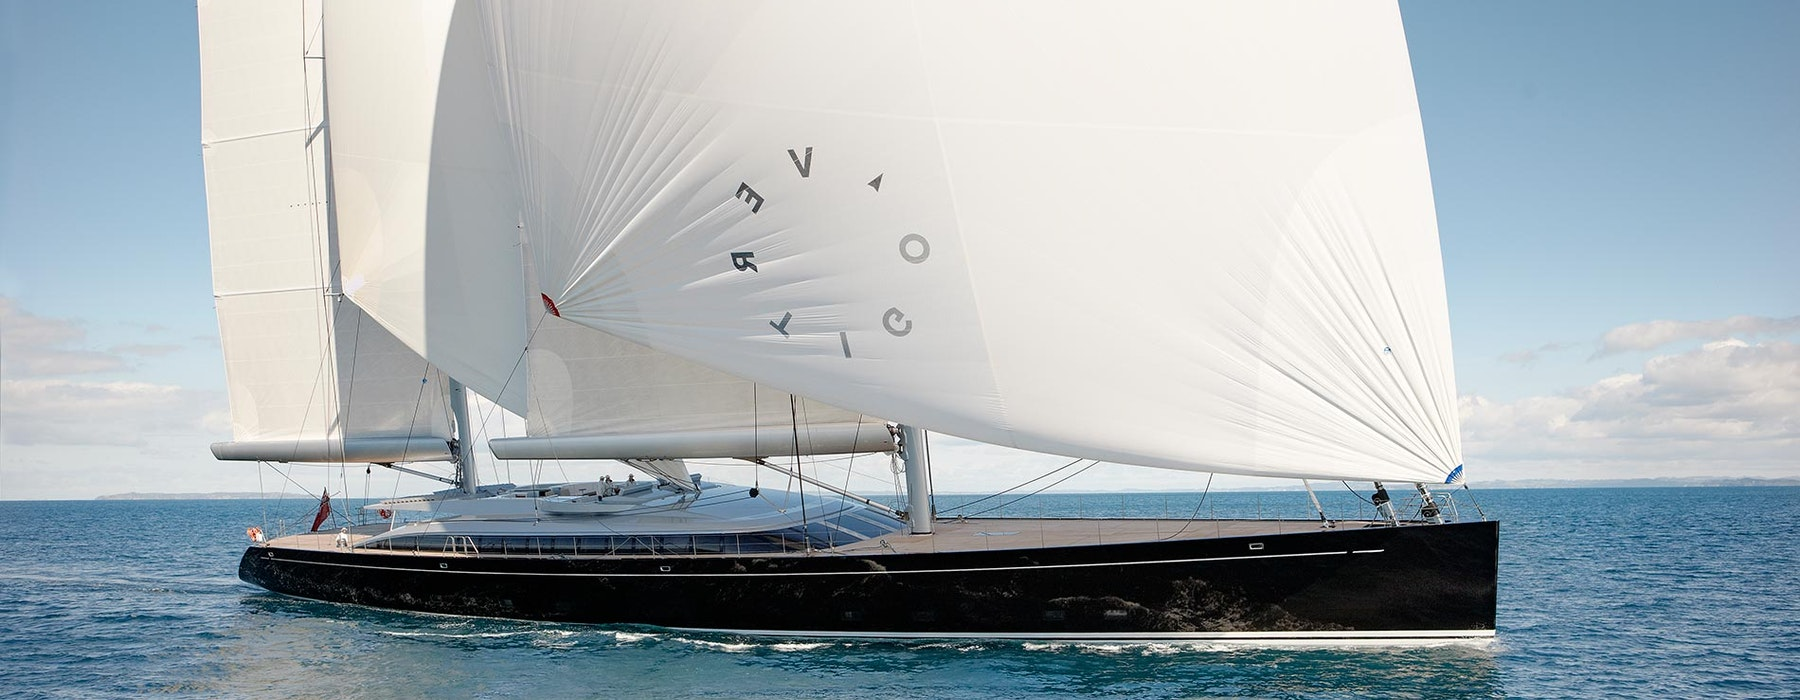 Alloy Yachts Shipyard